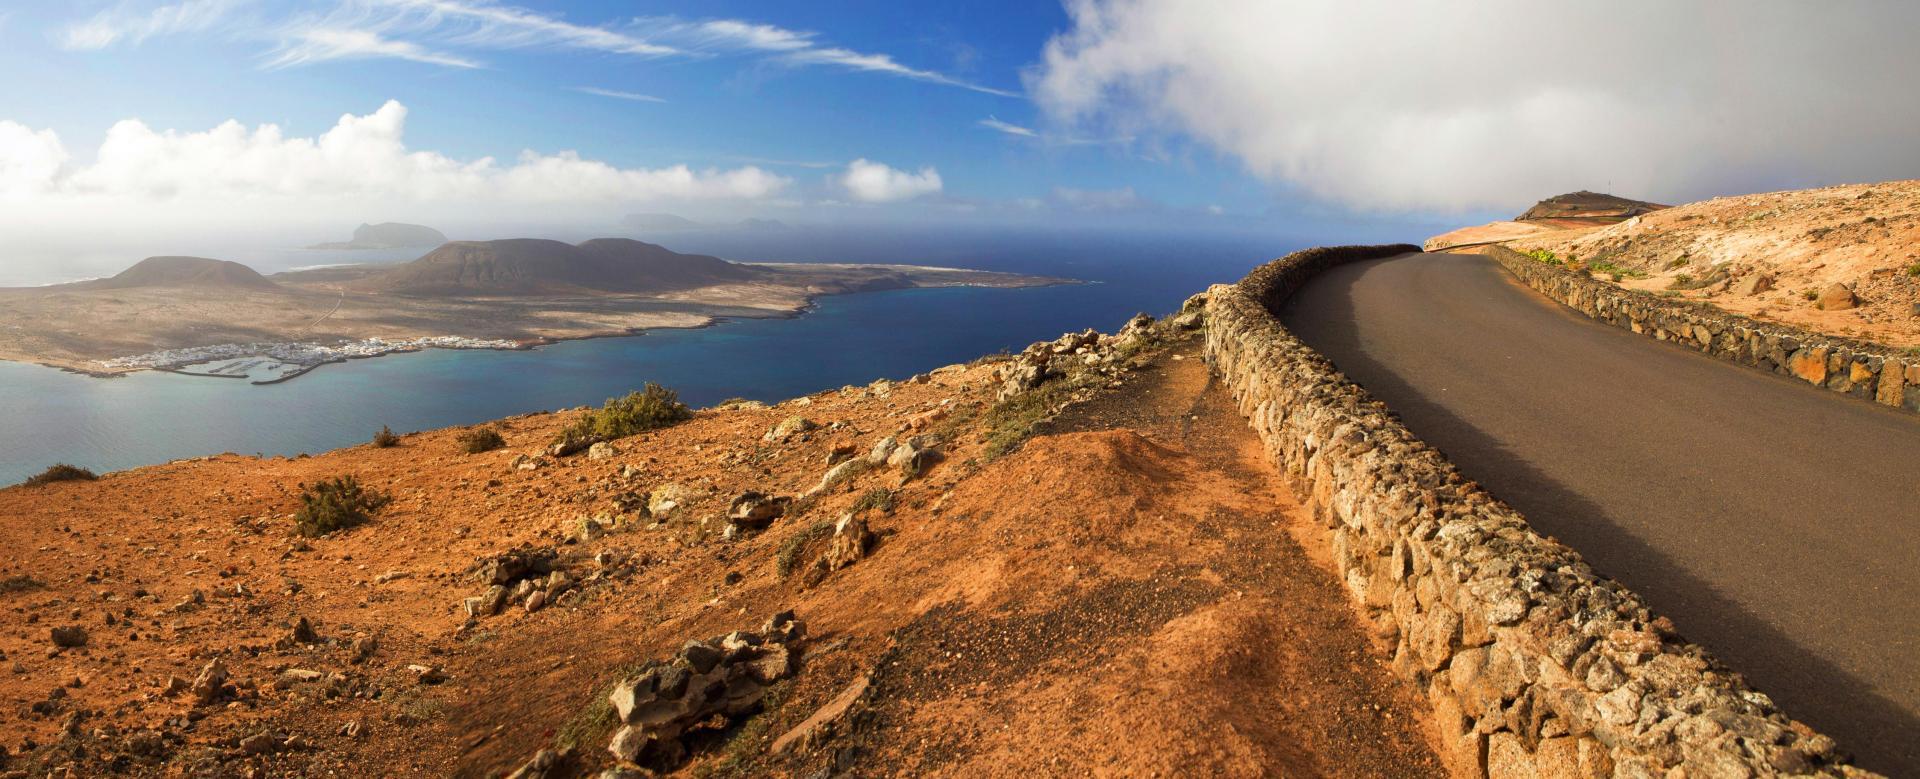 Voyage en véhicule Espagne : Lanzarote et la graciosa à vélo